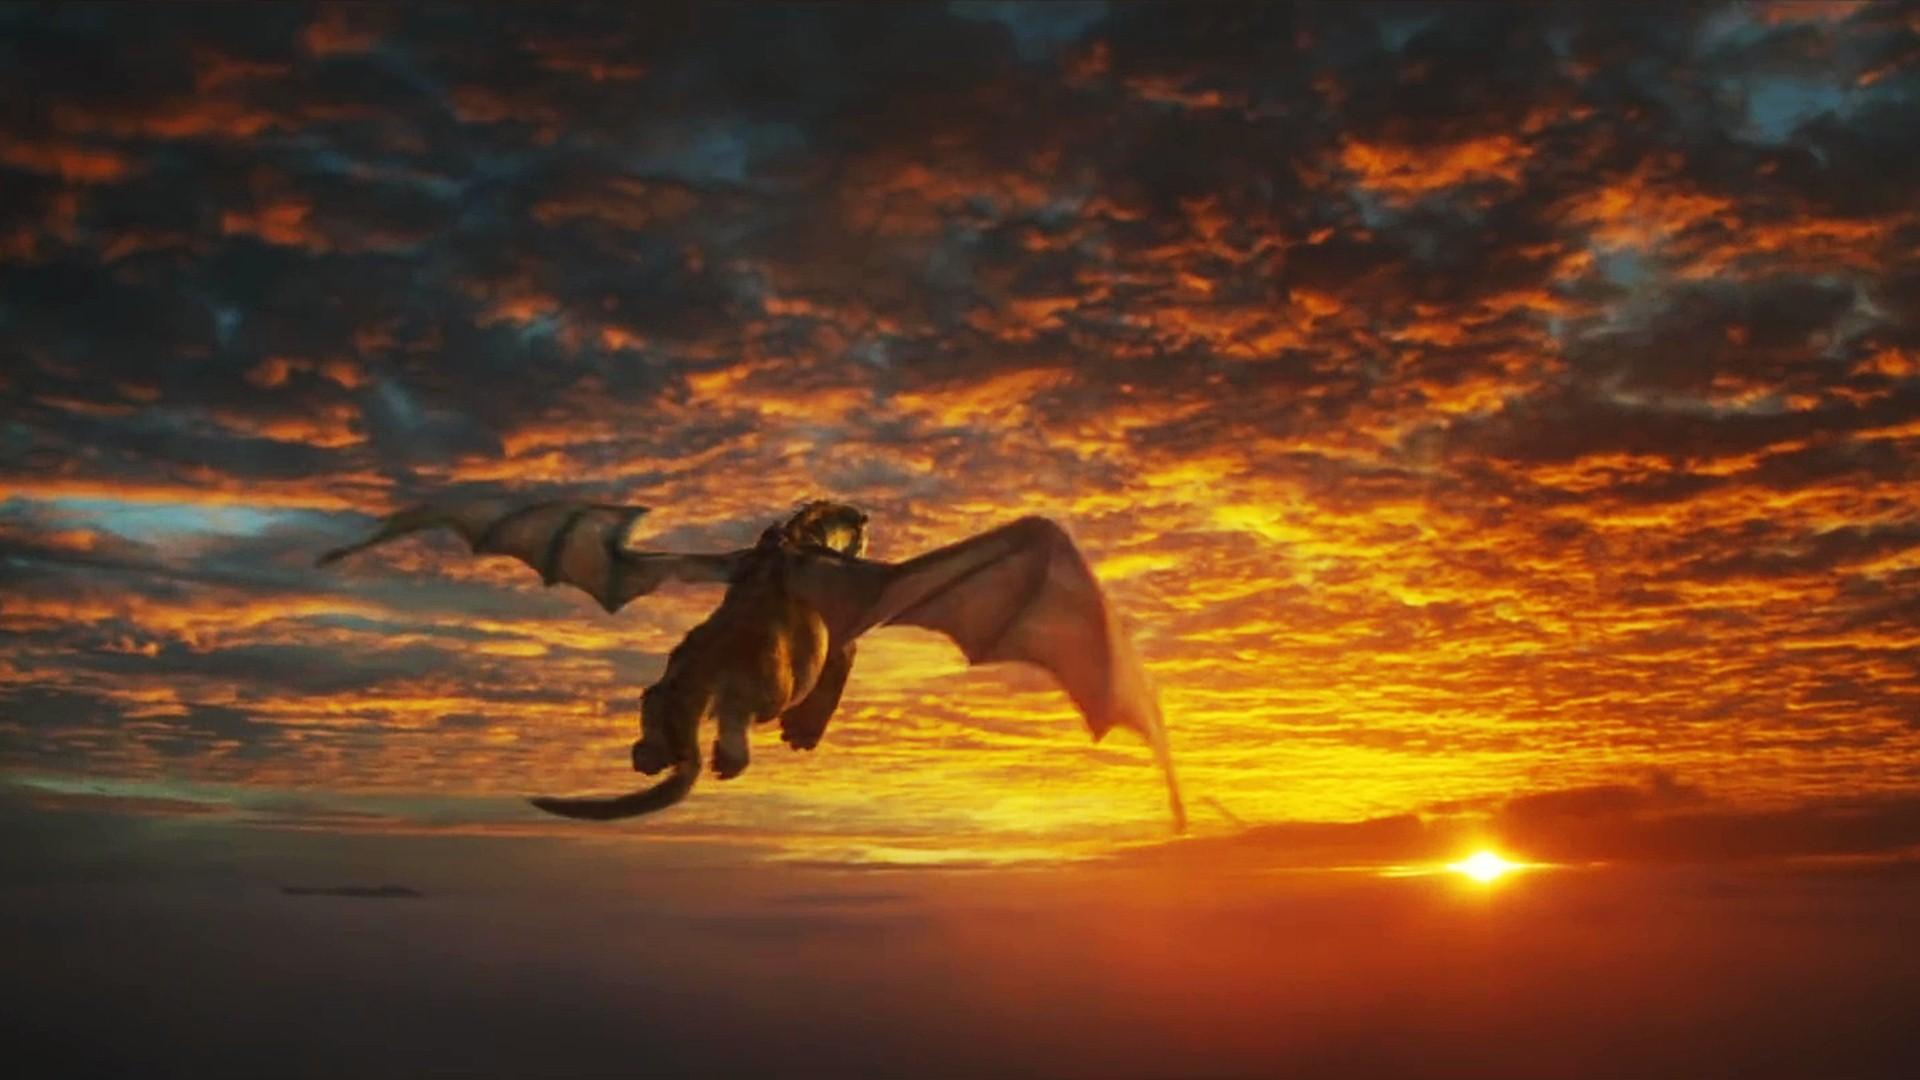 Res: 1920x1080, Petes Dragon Wallpaper 01298